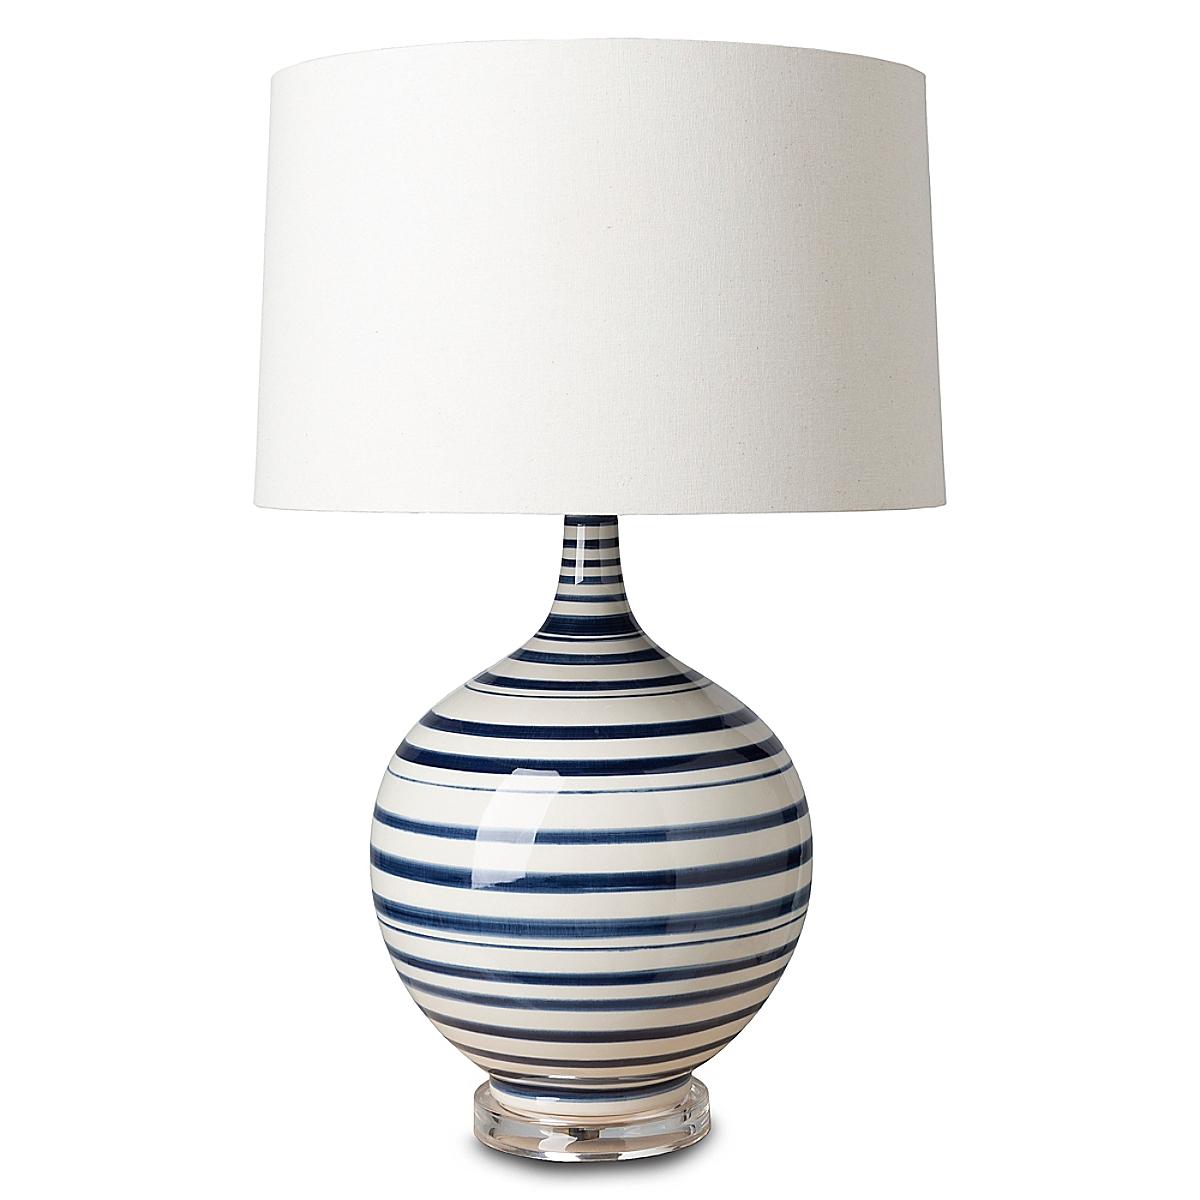 Skip Table Lamp